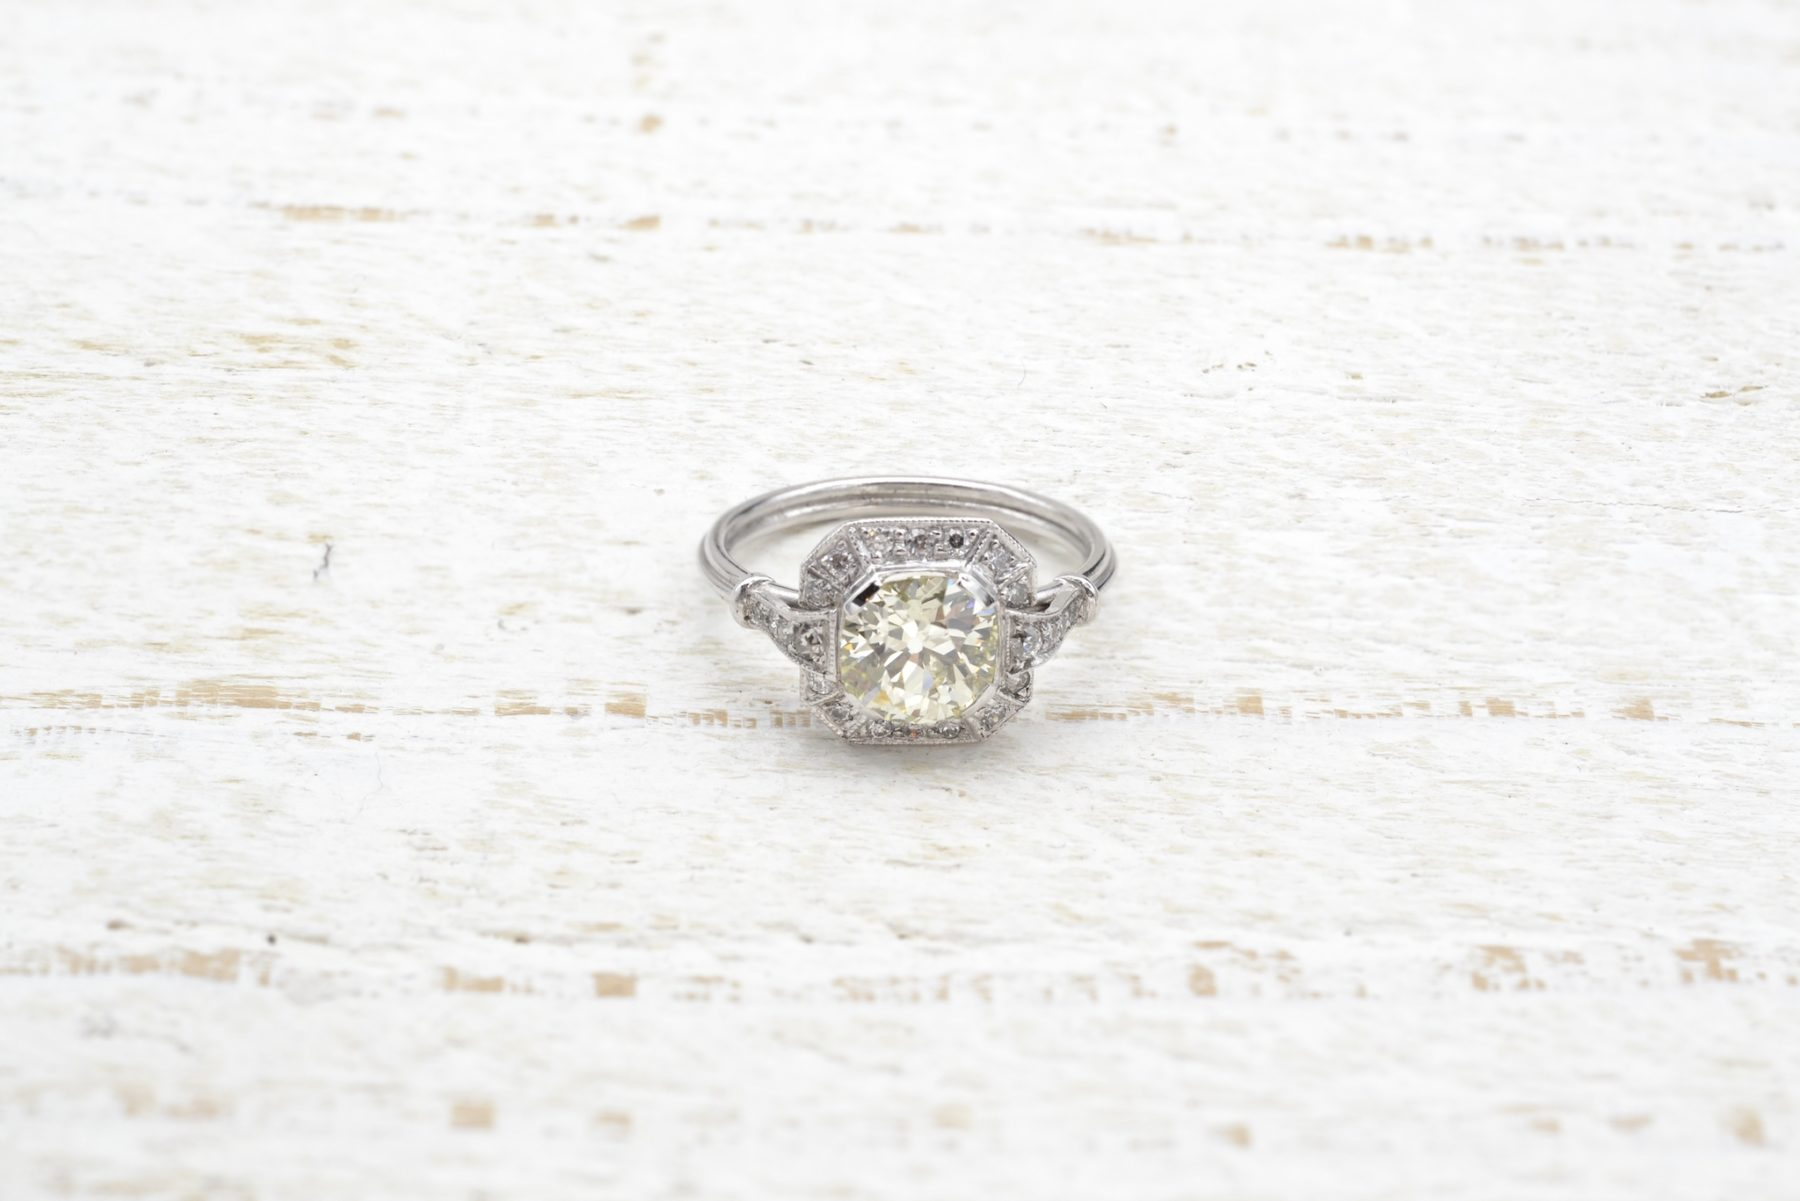 Bague de fiançailles diamant de 1,39 carats en platine